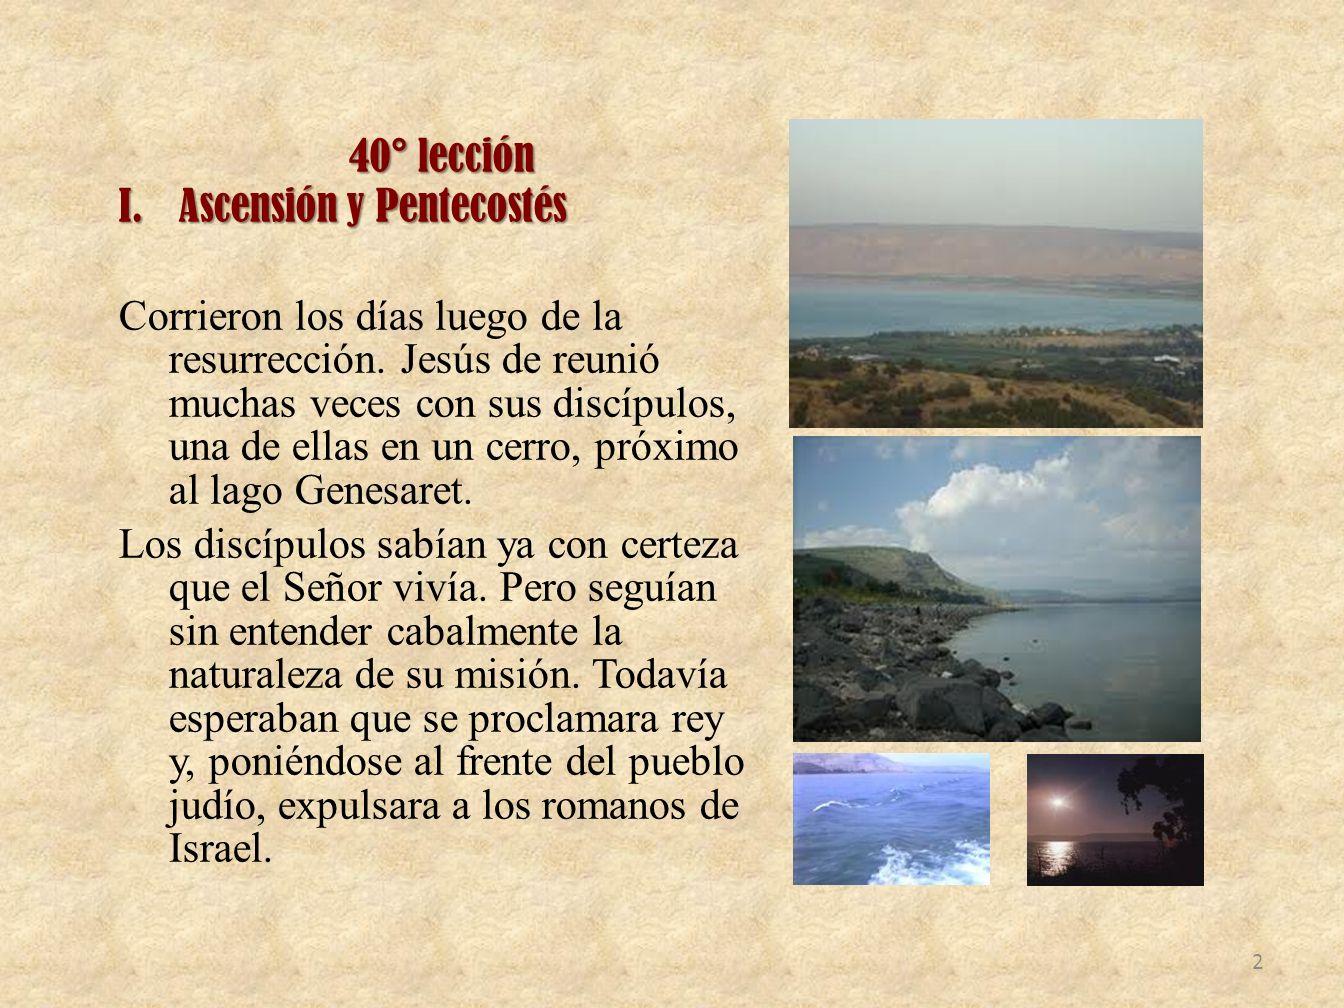 40° lecciónAscensión y Pentecostés.